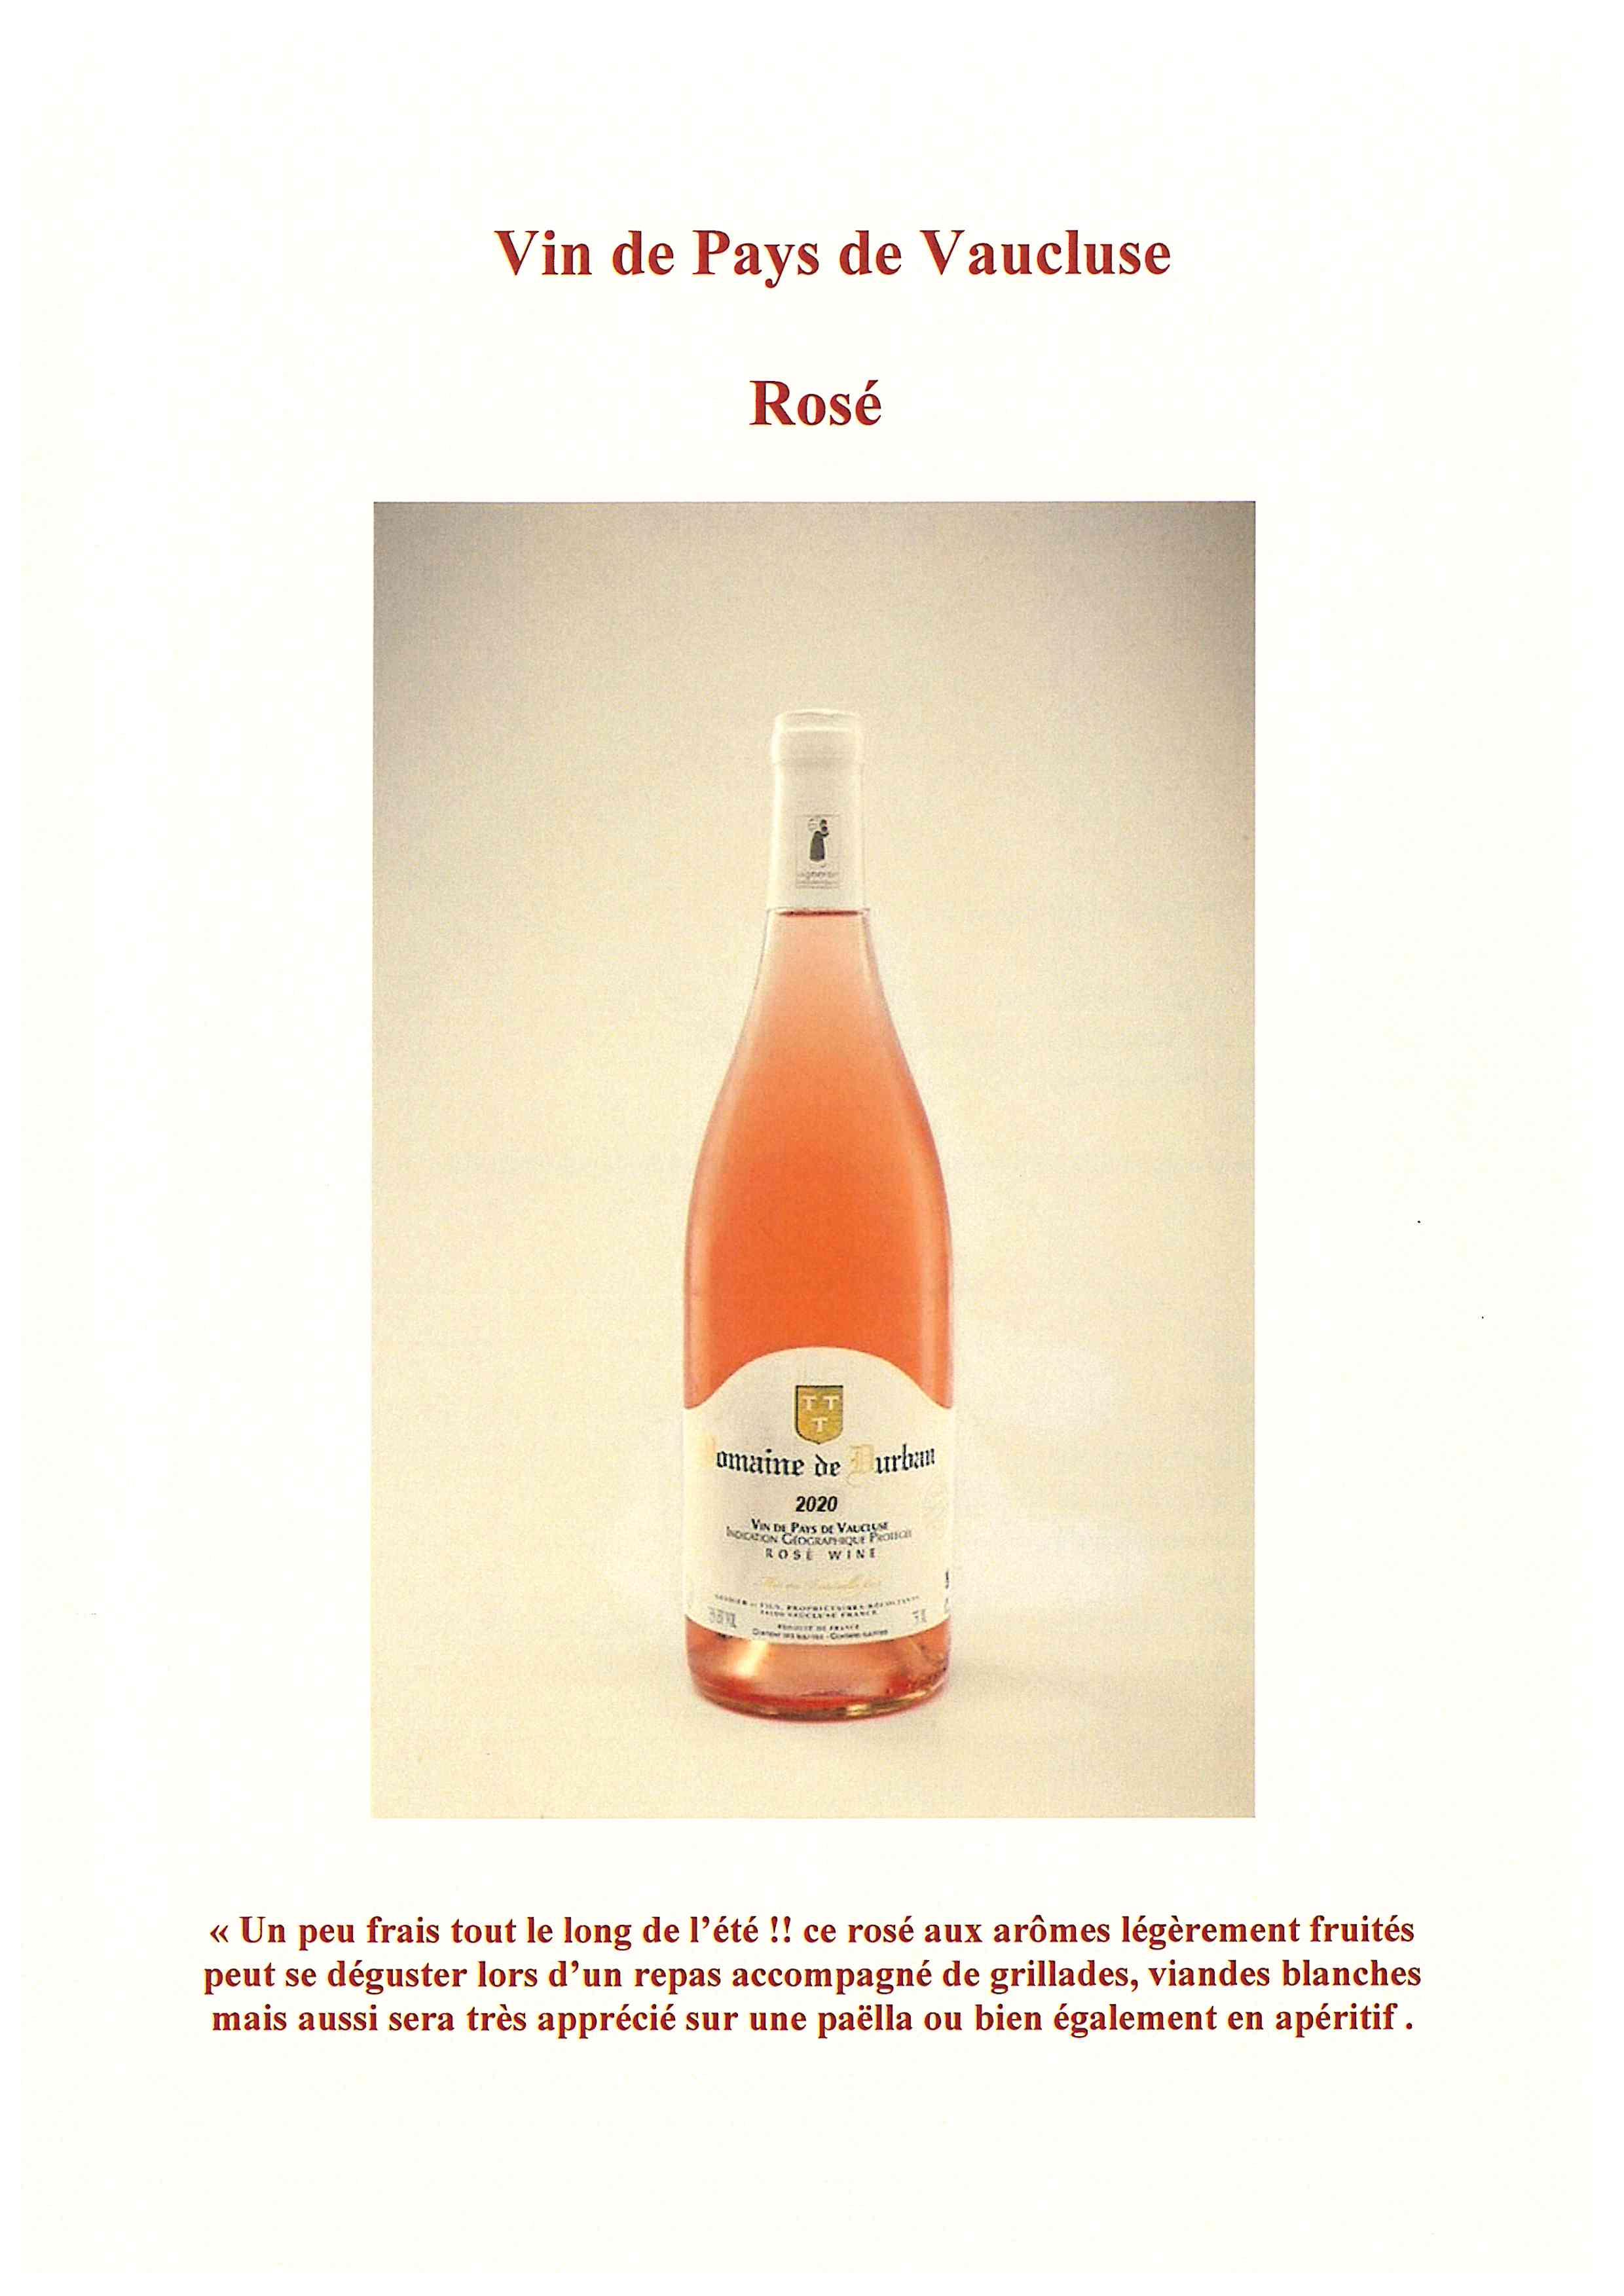 Rose 2020 (2)